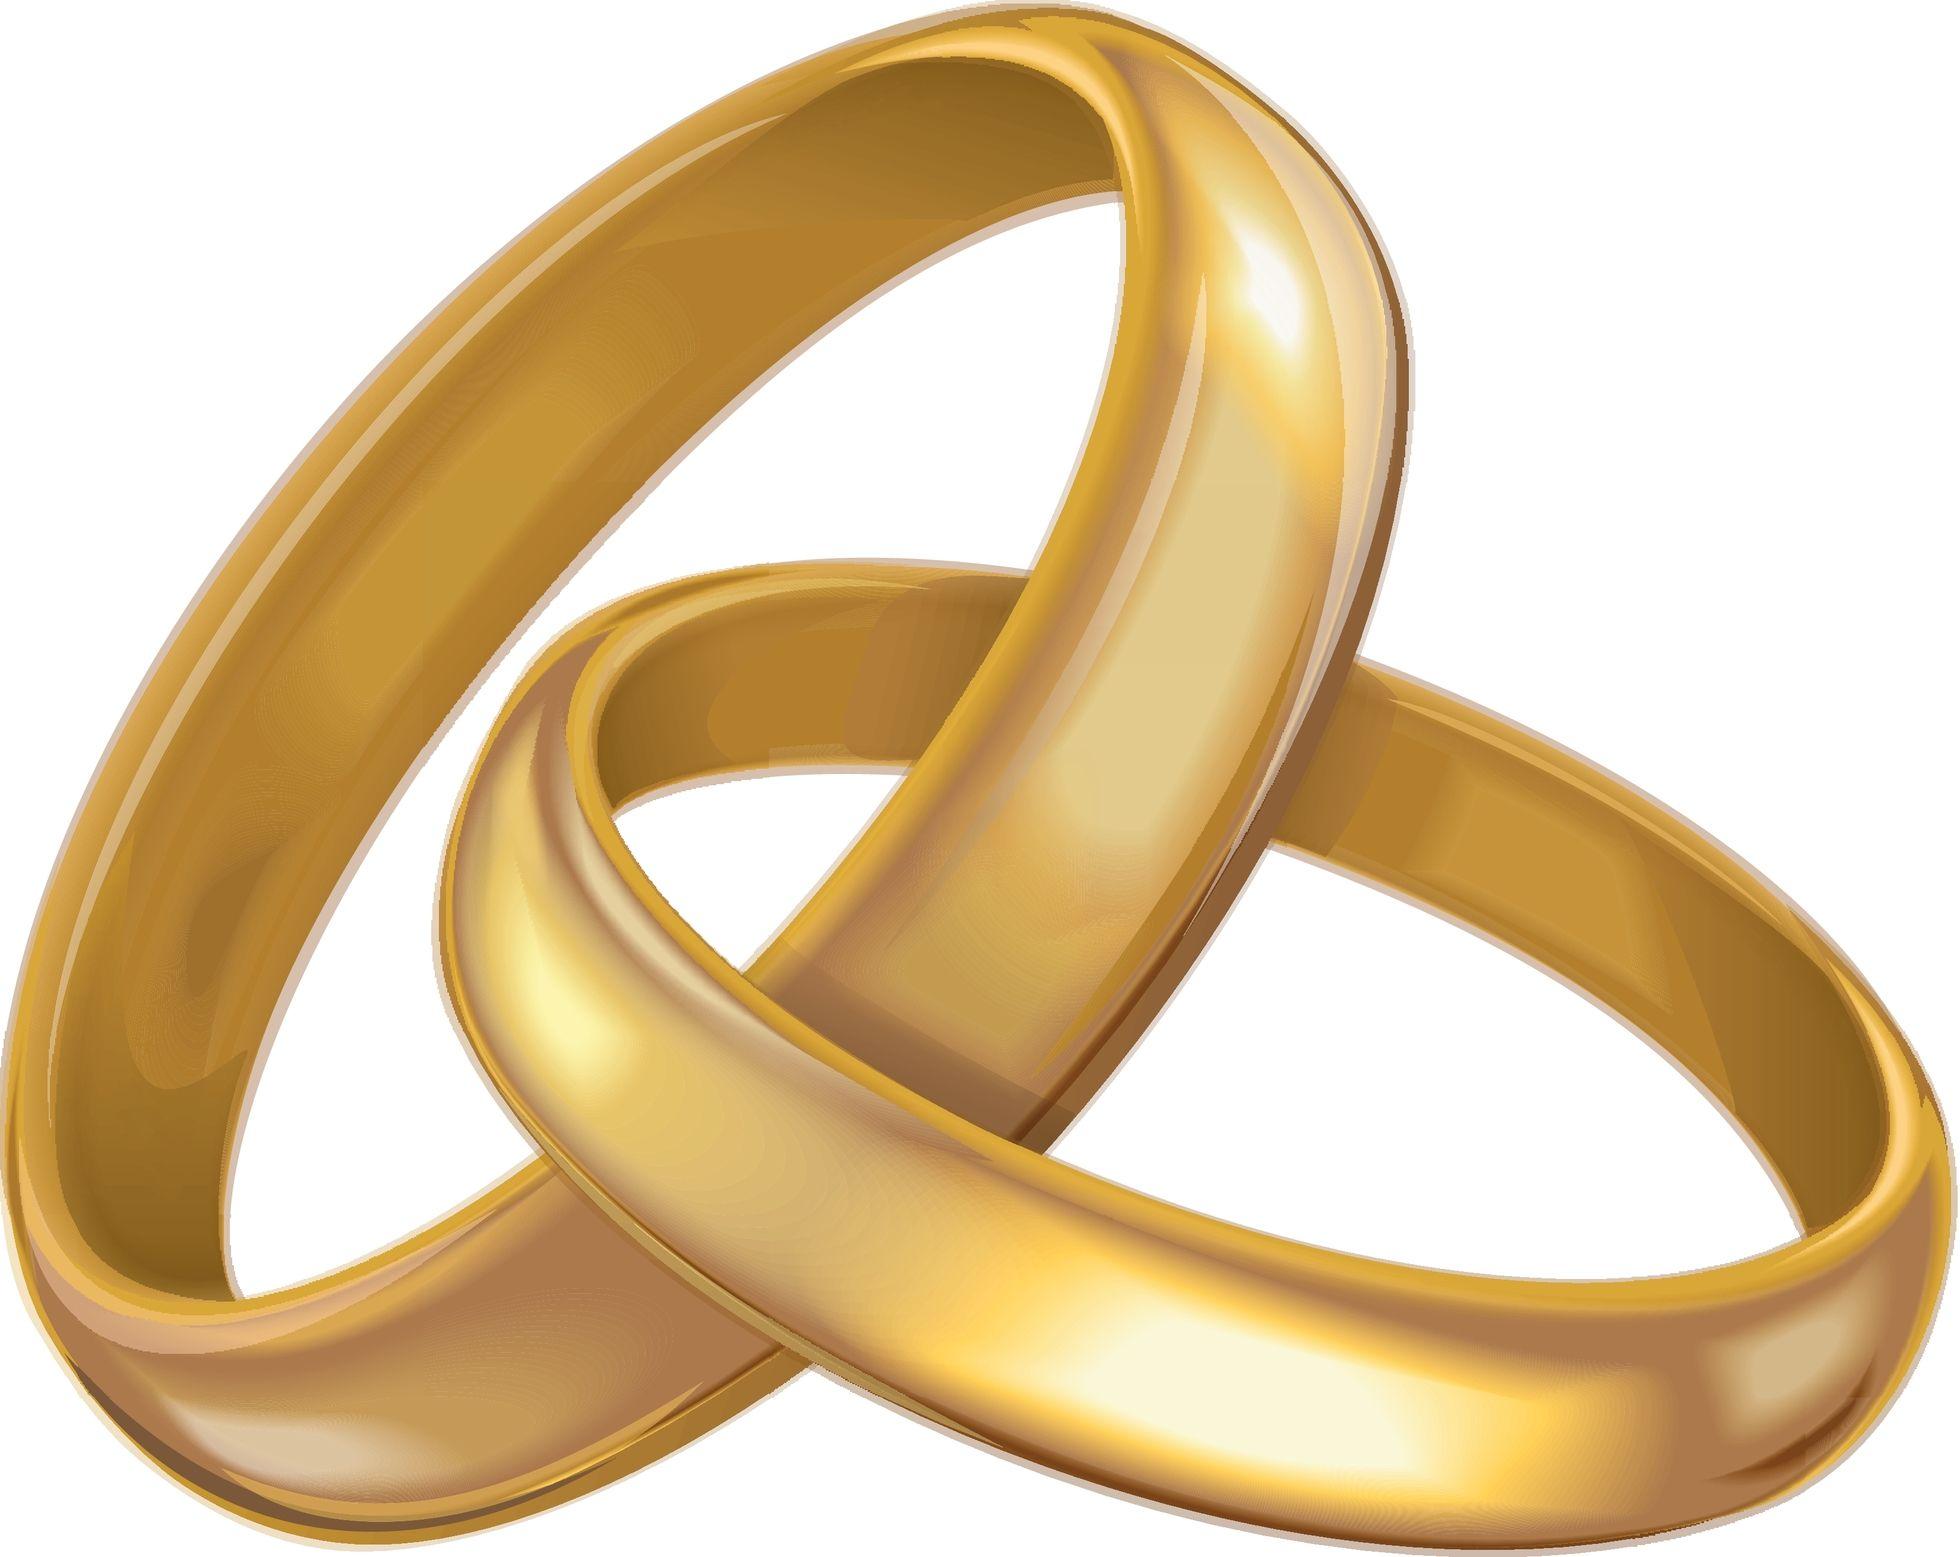 medium resolution of wedding rings clipart with wedding ring clip art wedding wedding rings clipart